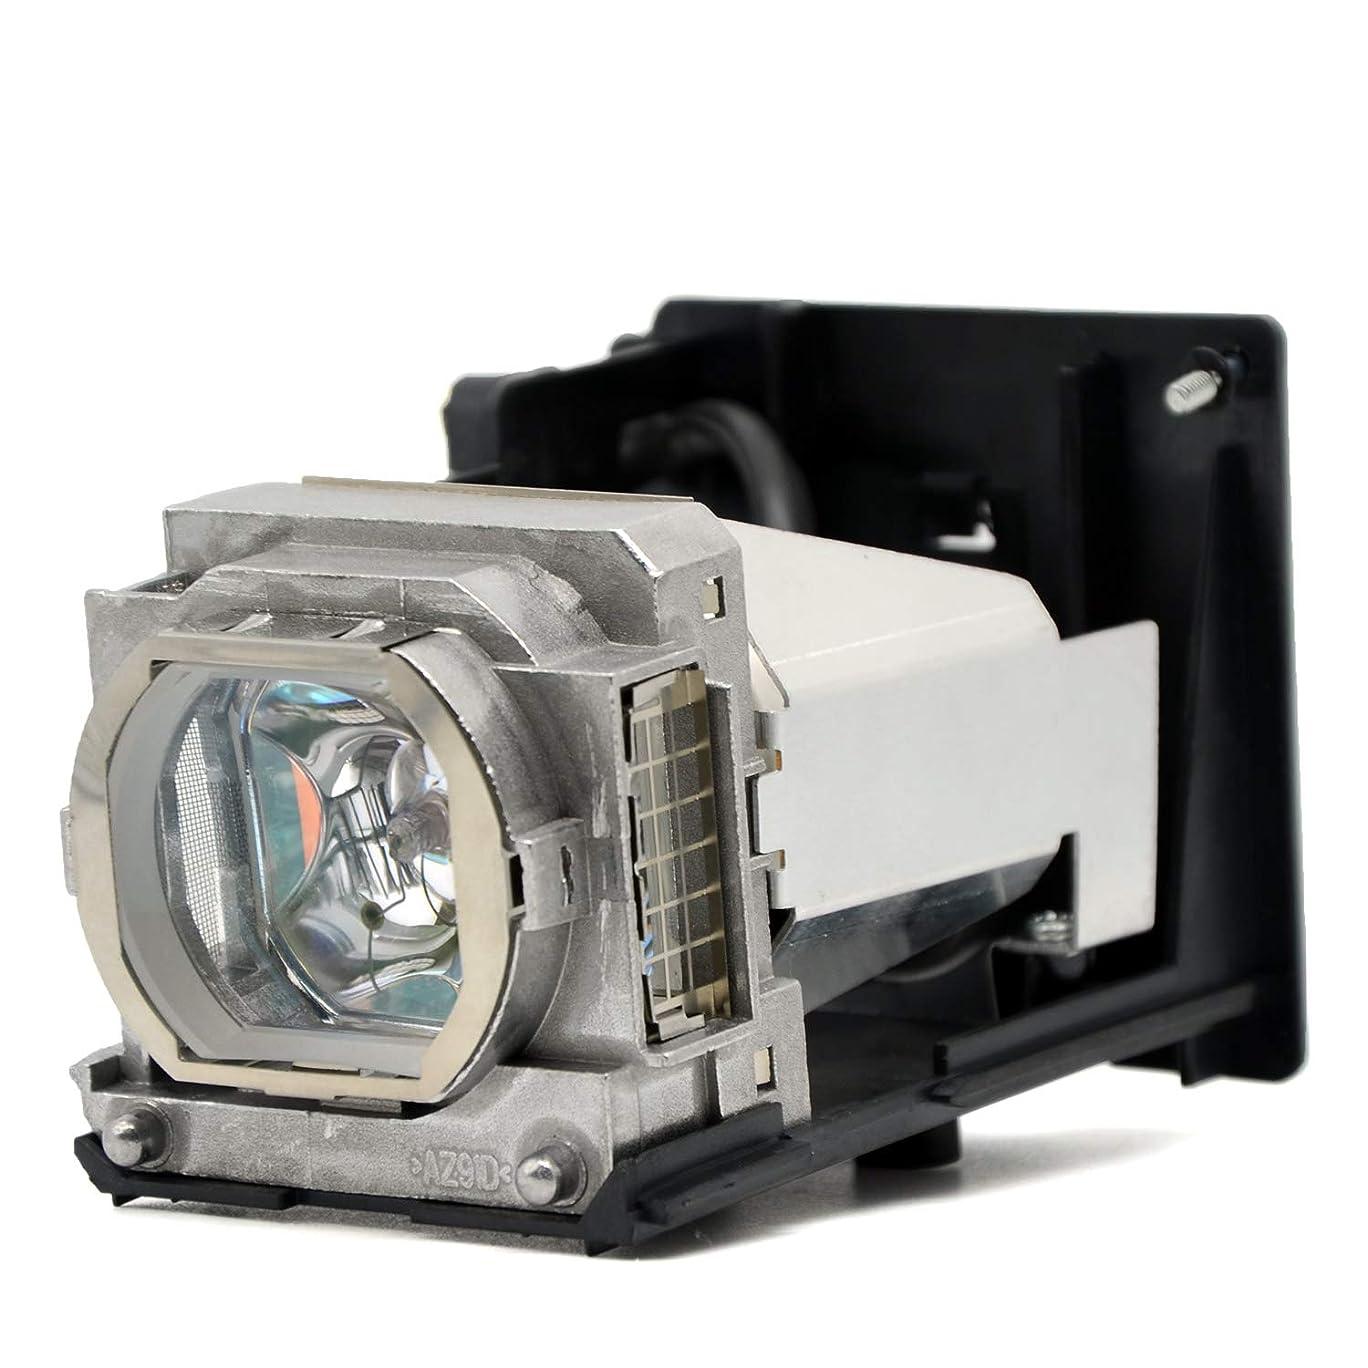 彫る撤退思いつくRich Lighting VLT-HC6800LP ランプ 三菱電機 MITSUBISHI LVP-HC6800 プロジェクター 交換用 ランプ 【180日保証】